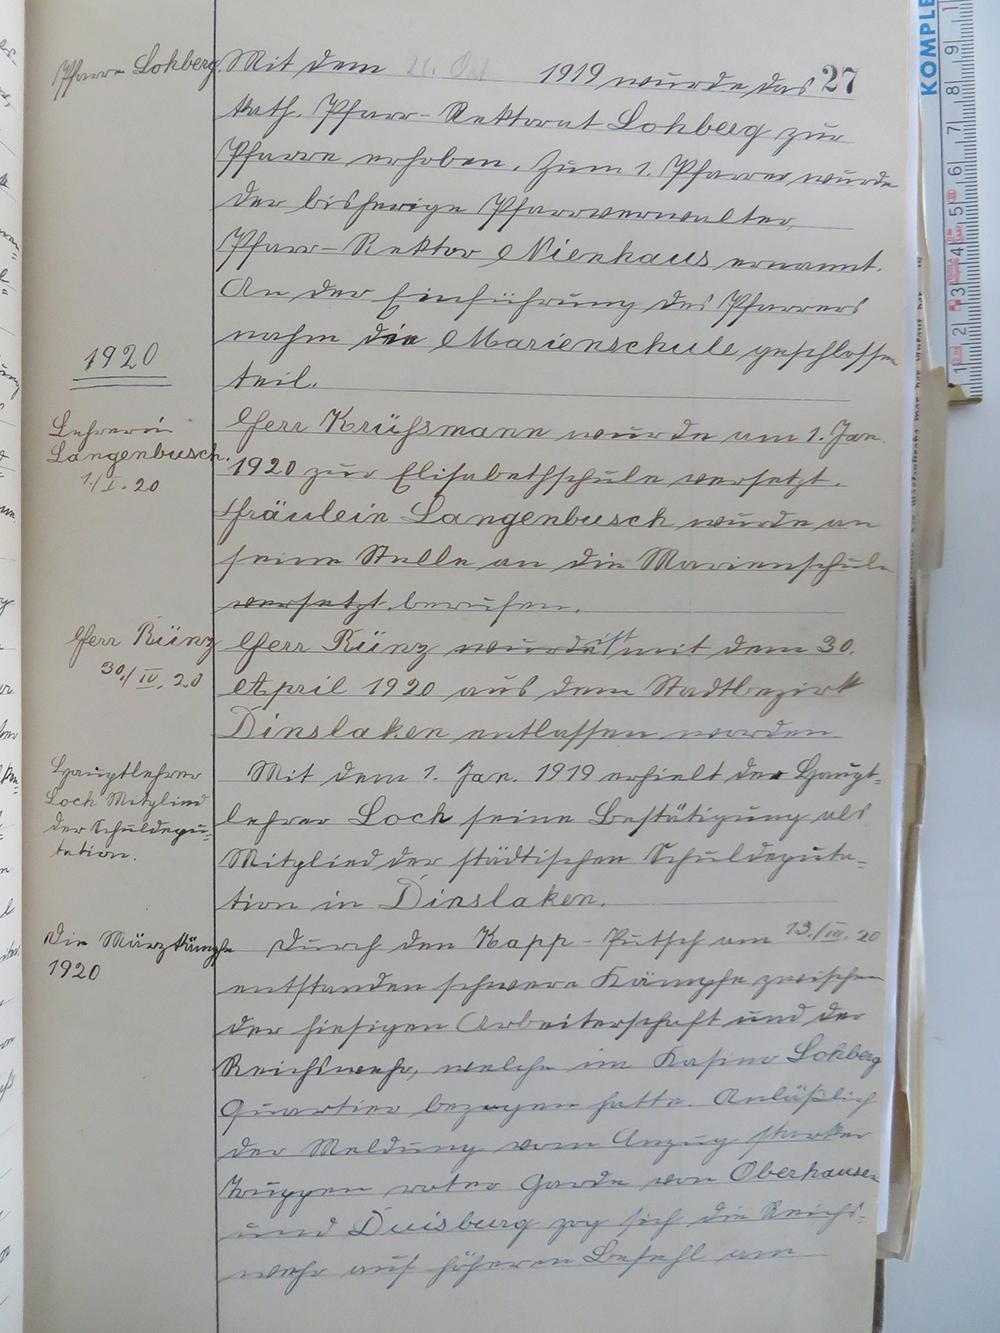 Schulchronik der Marienschule Lohberg 1916-1939, II. Band, Seite 27ff